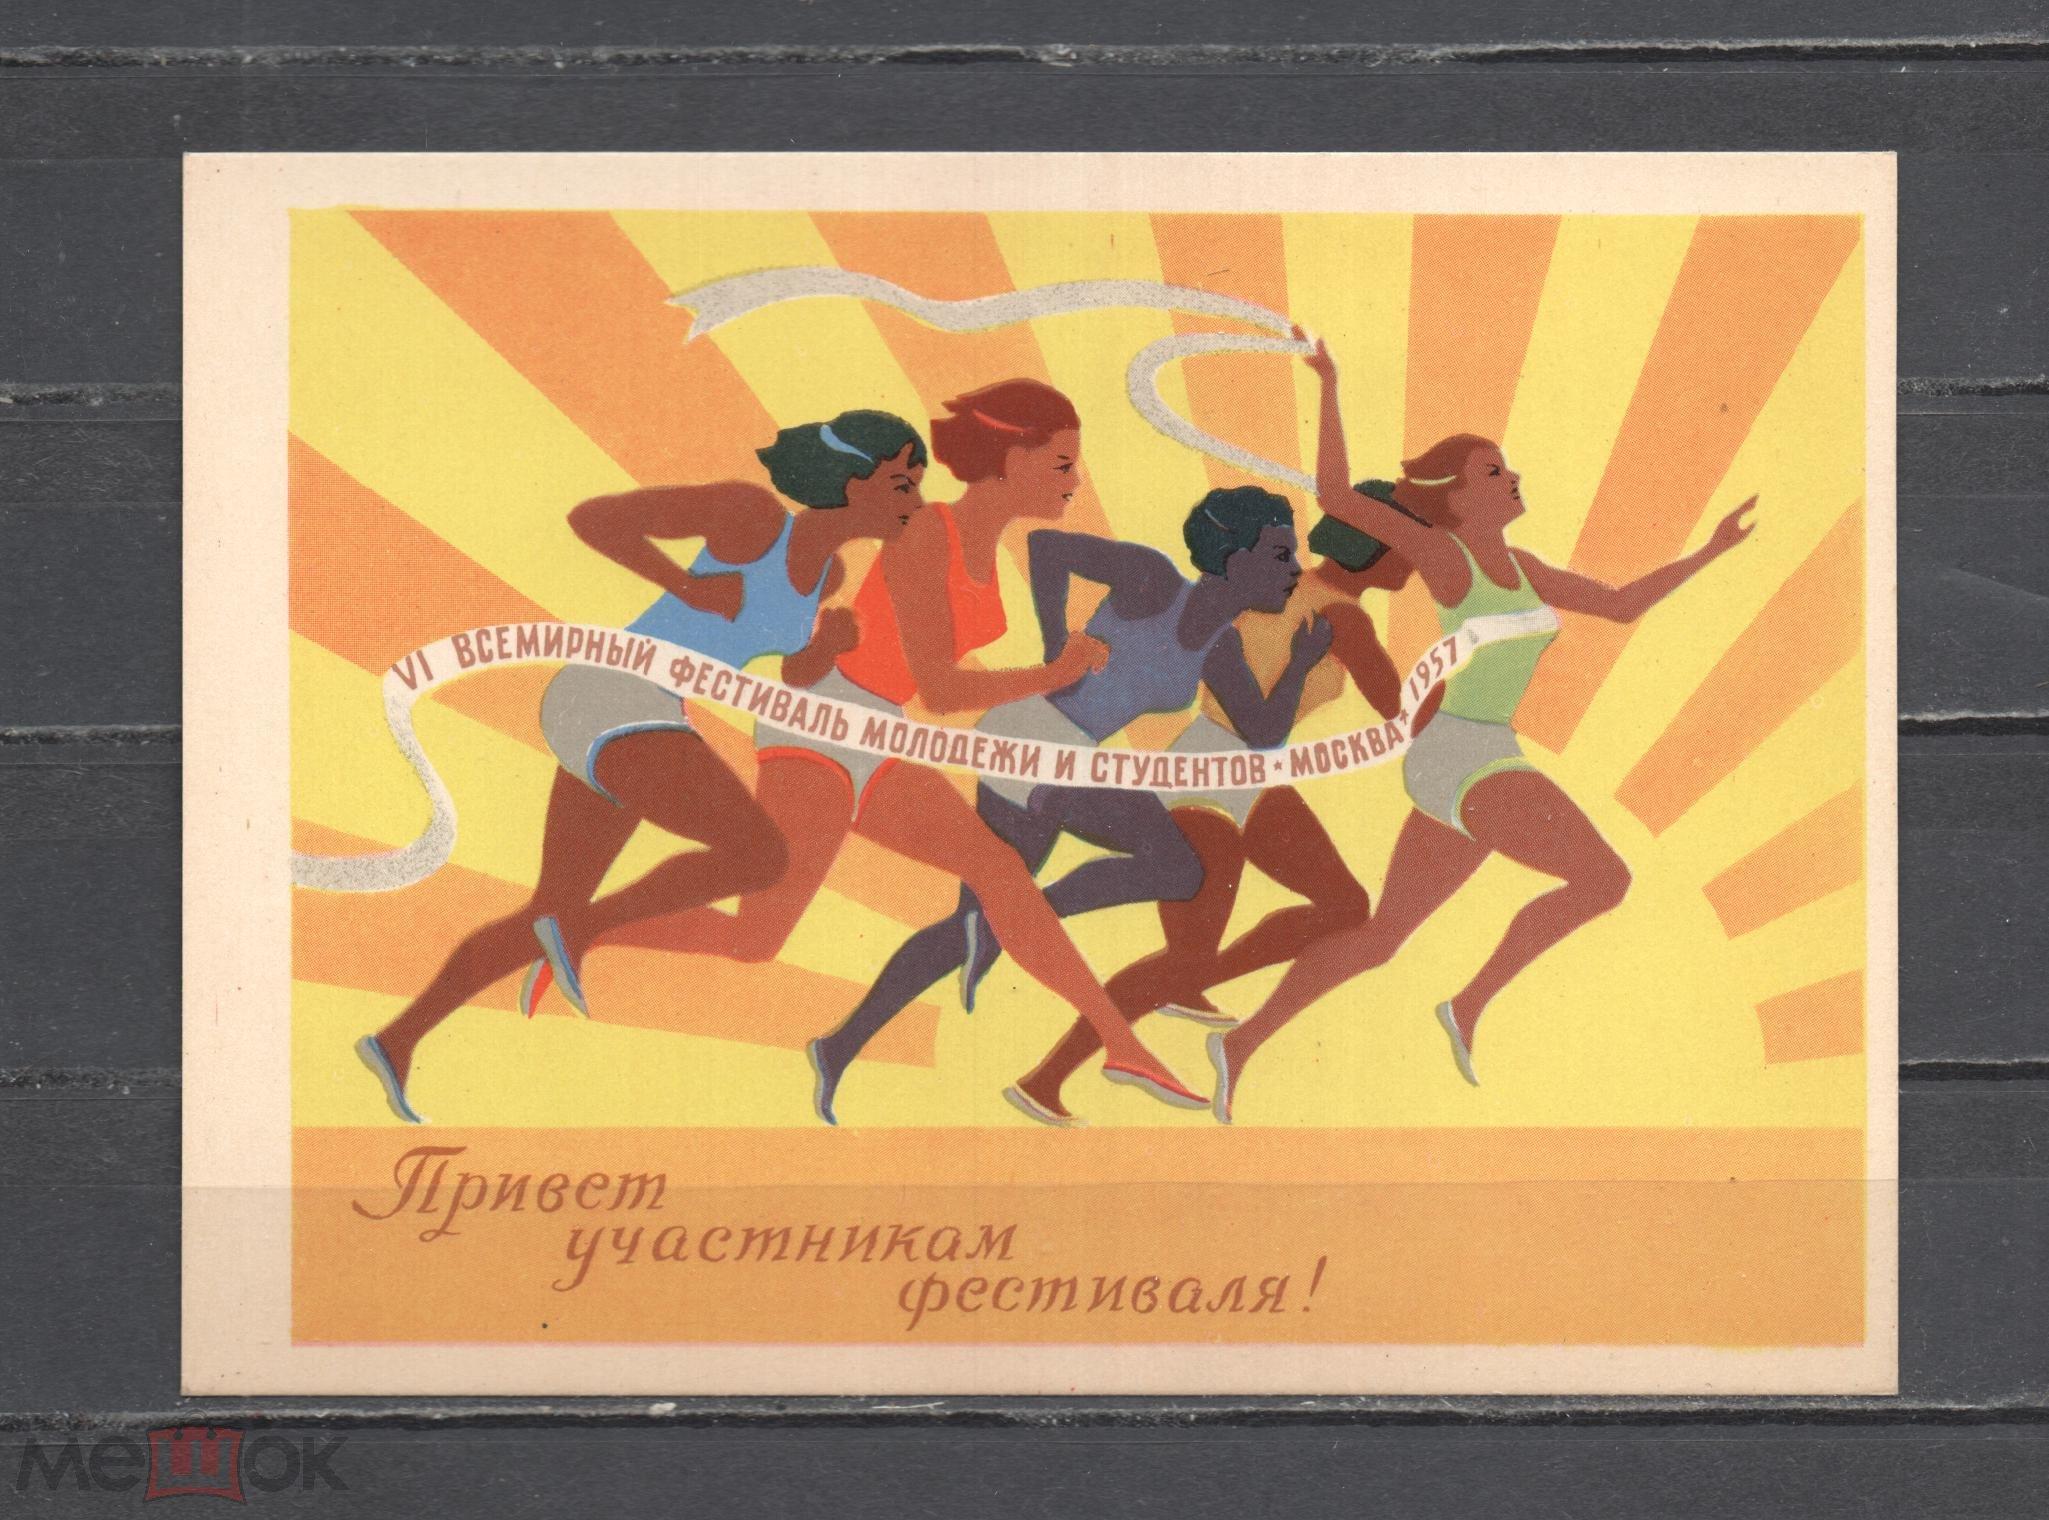 Открытки фестиваль молодежи 1957 цена